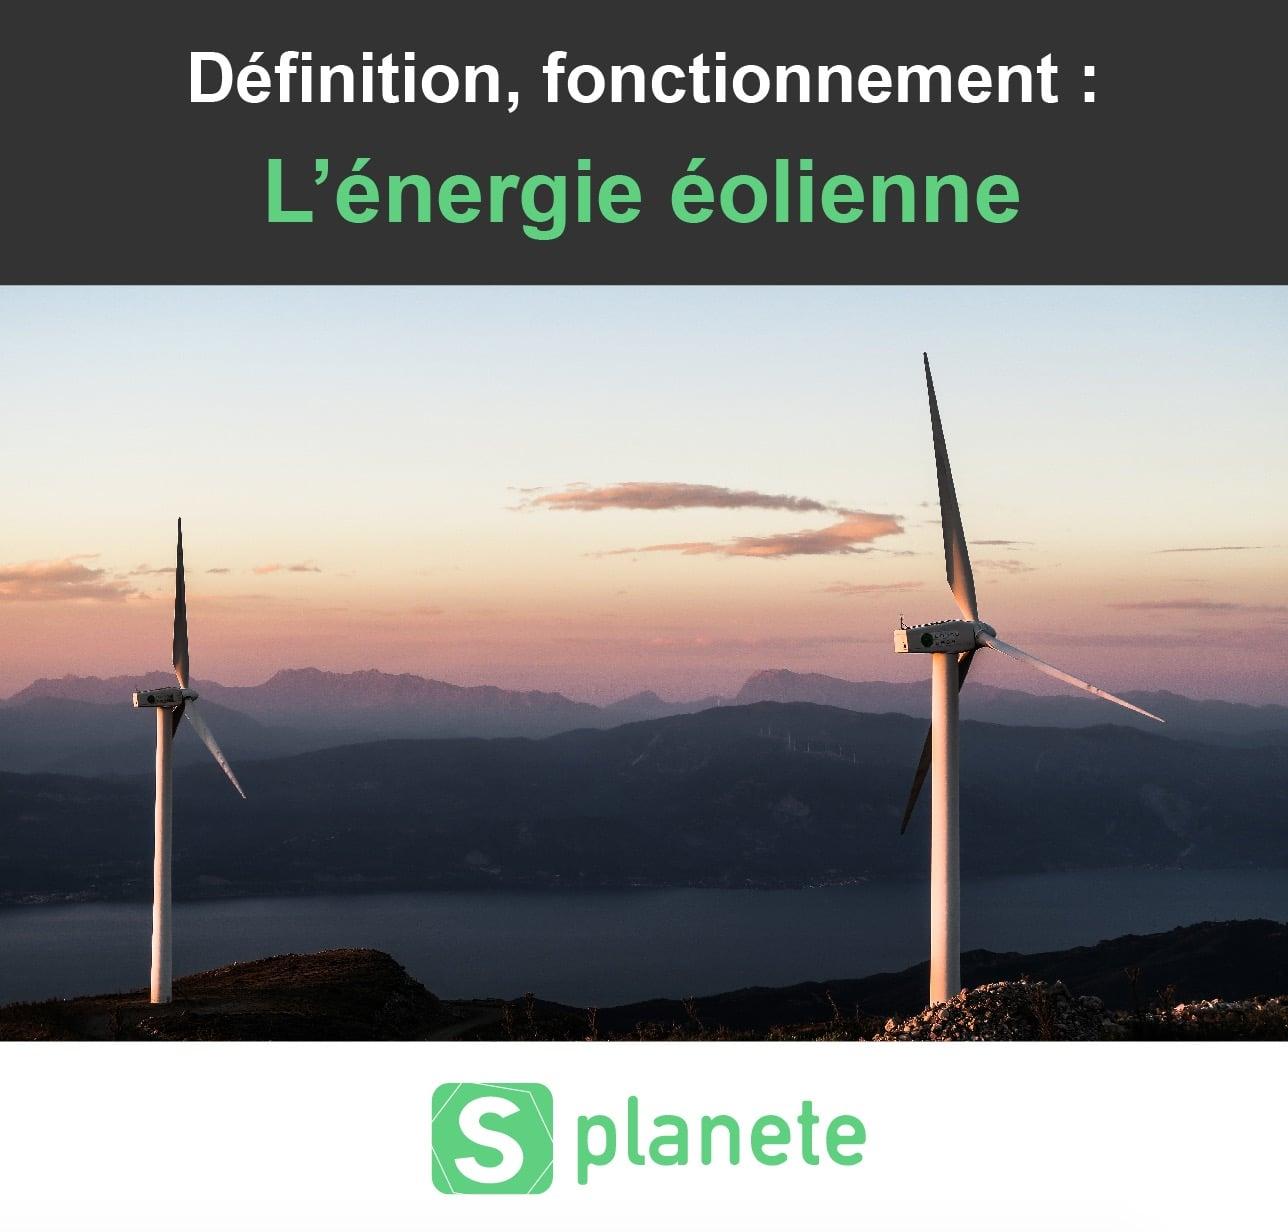 définition et fonctionnement de l'éolienne